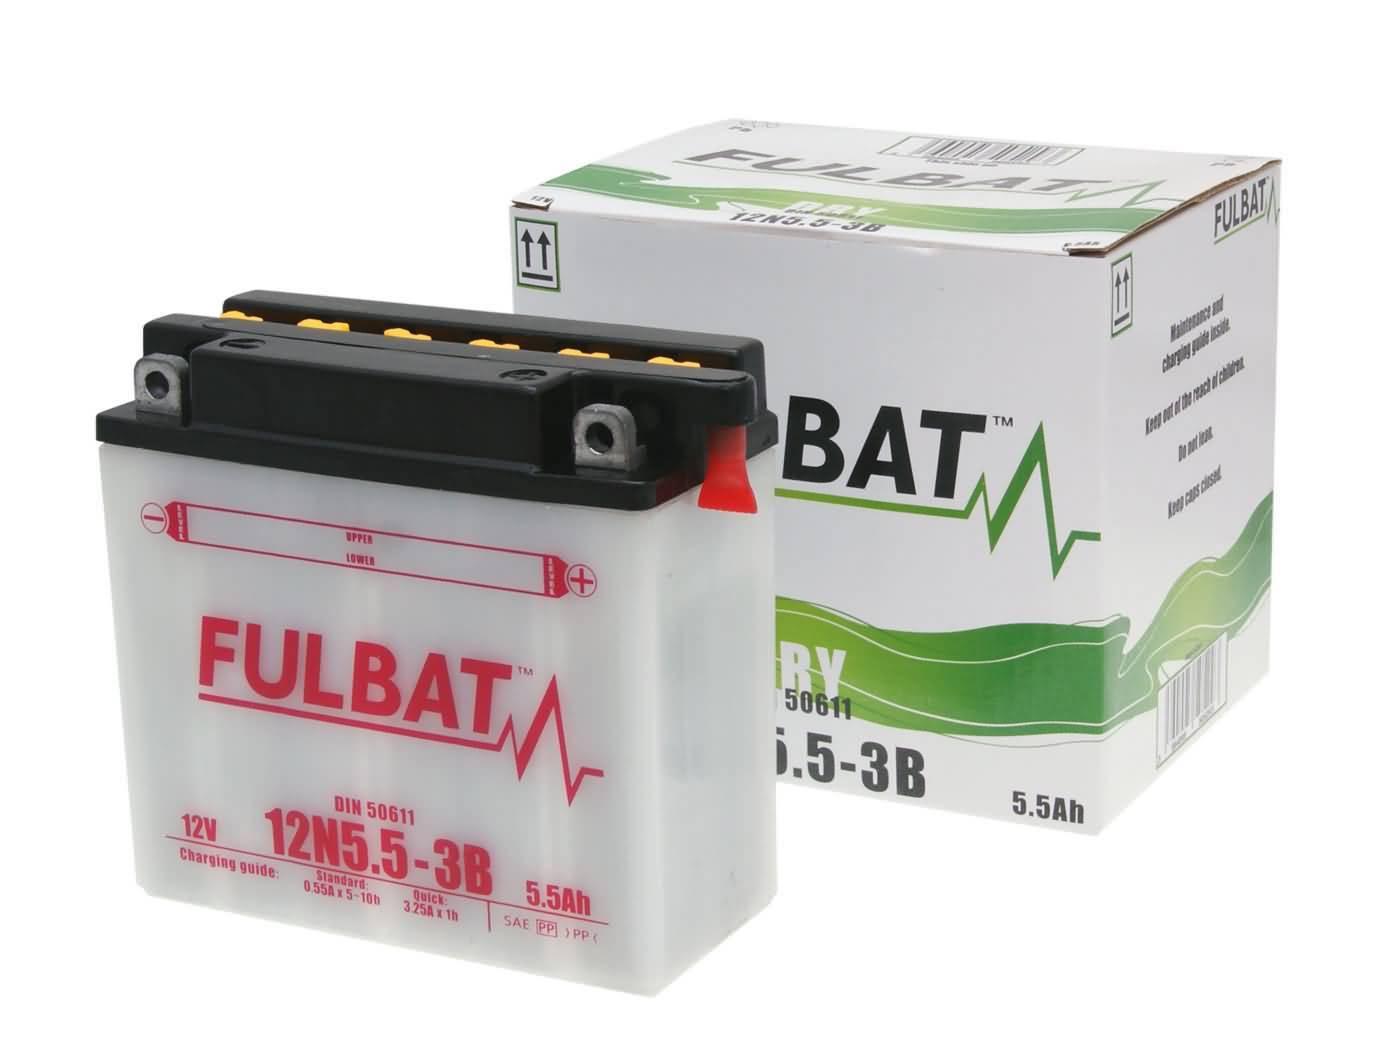 Fulbat 12N5.5-3B DRY száraz akkumulátor + savcsomag